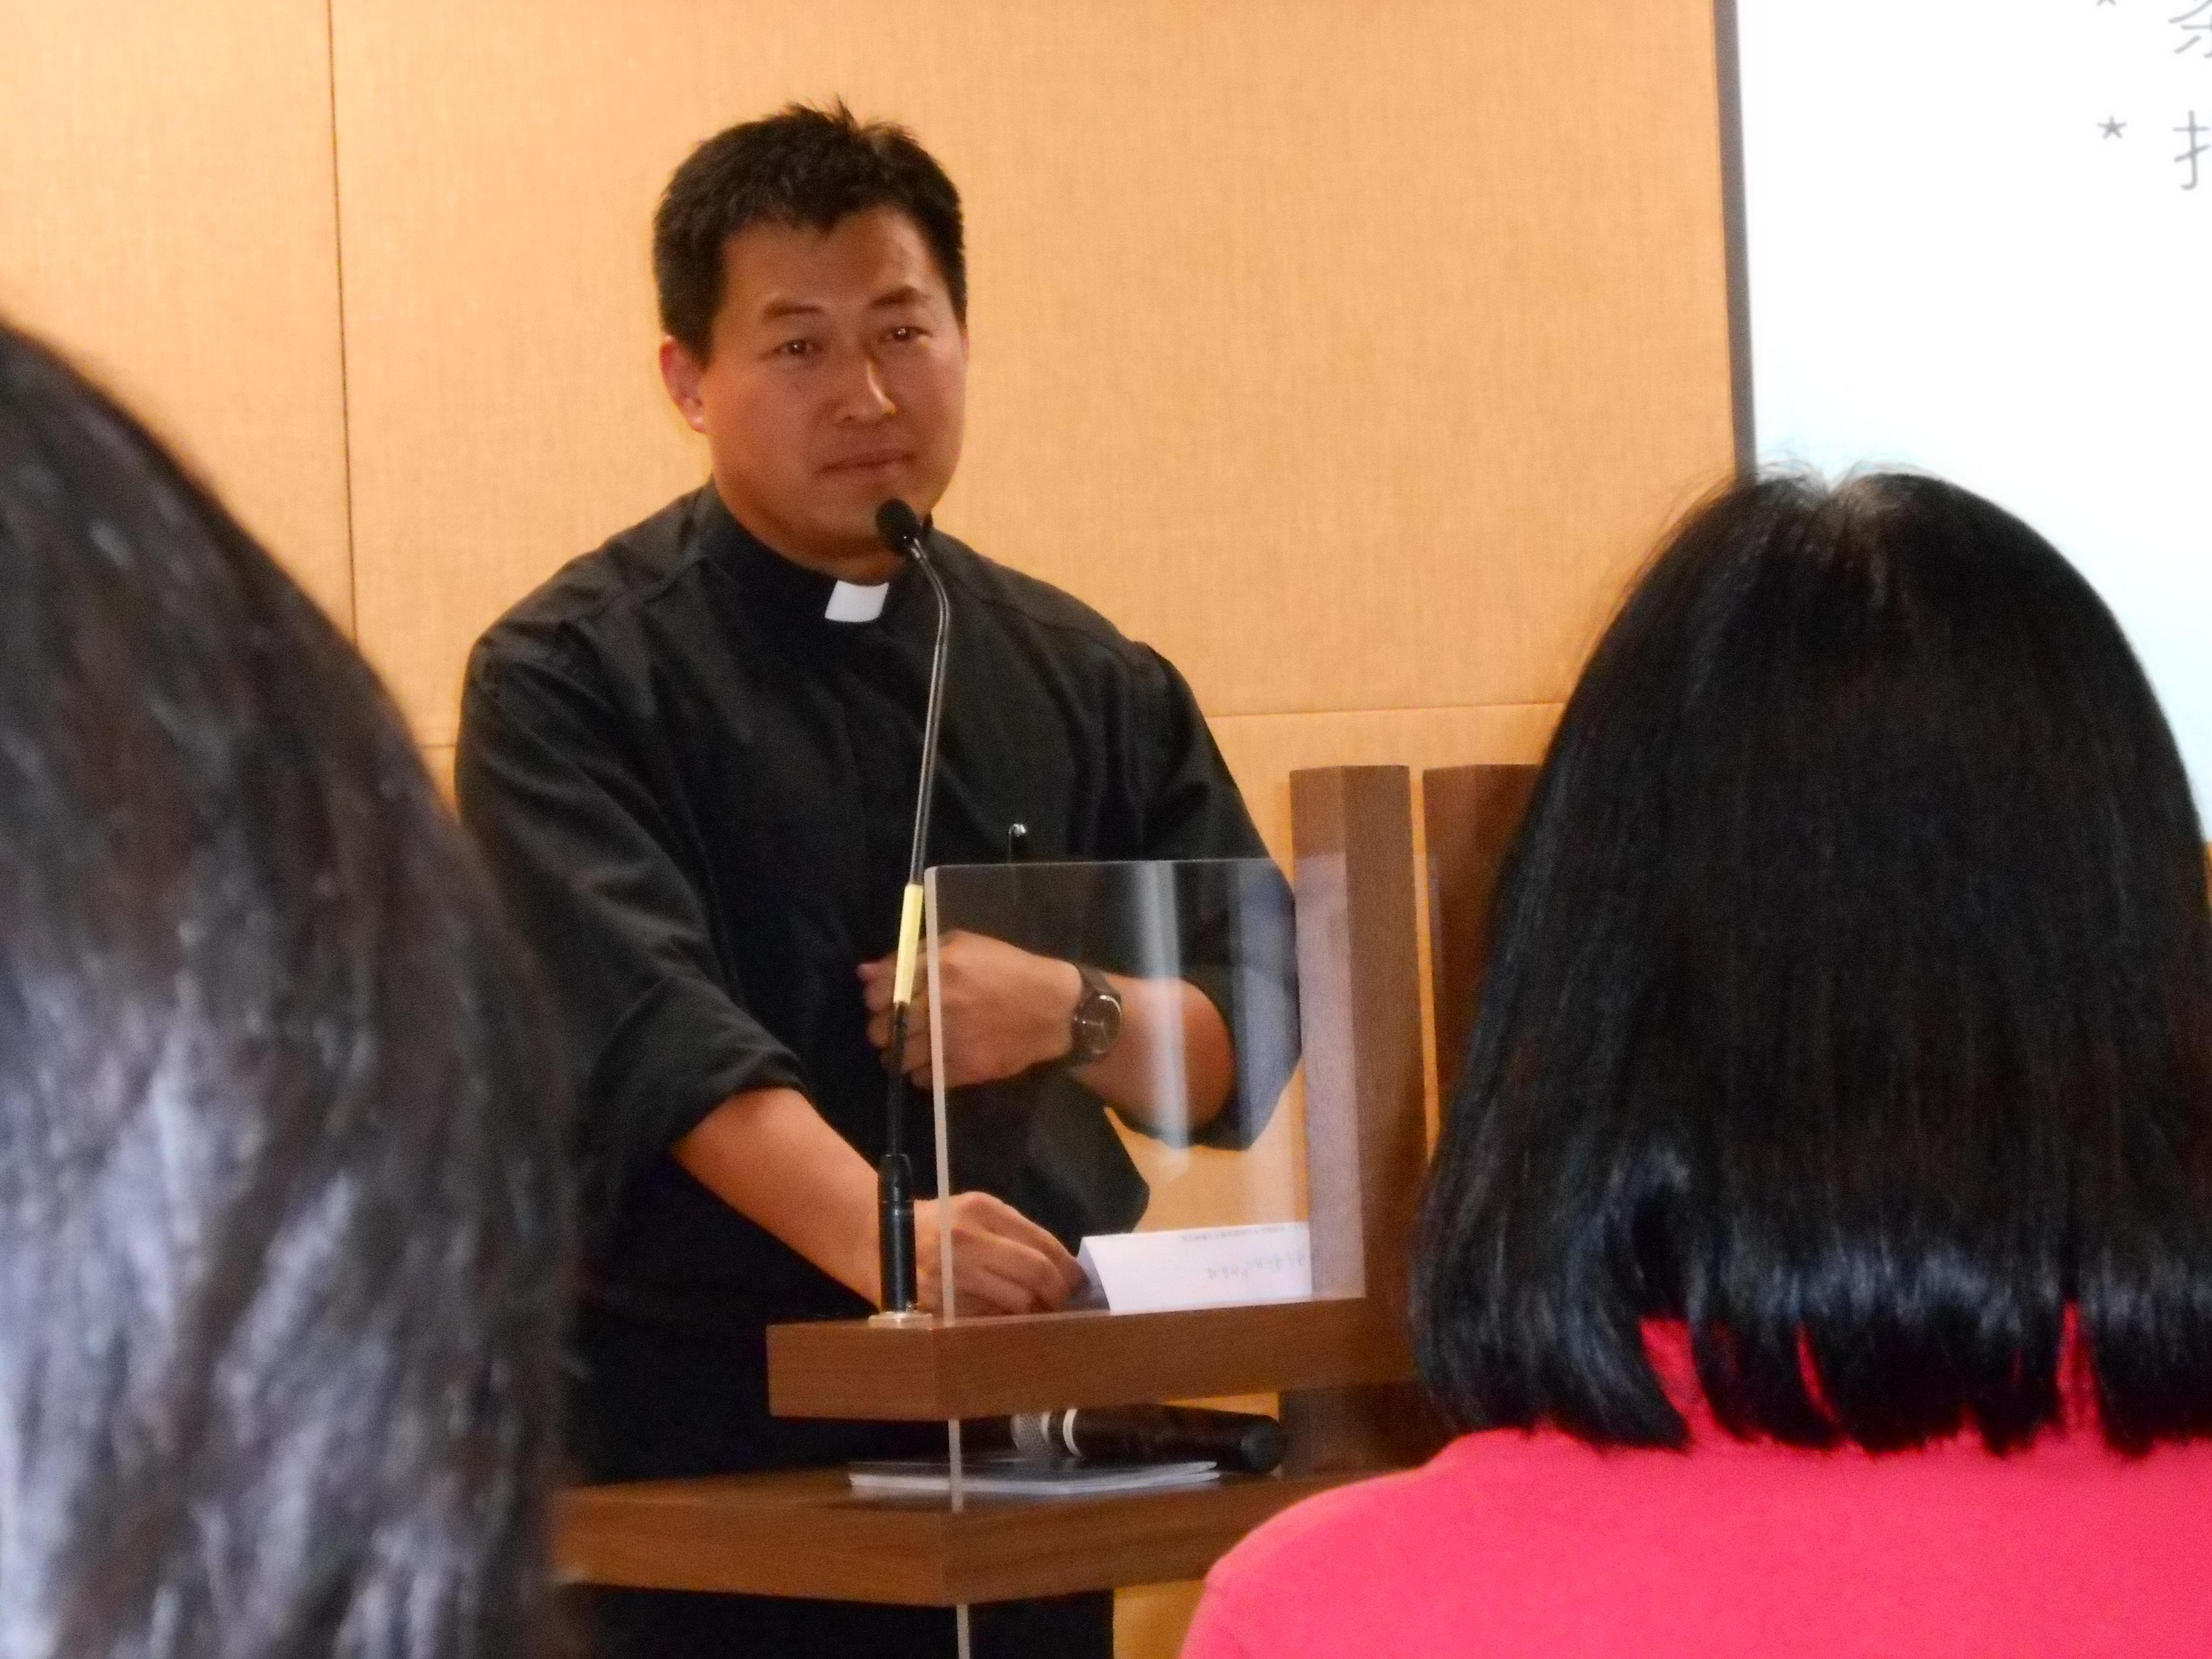 延续以往的信仰培育课程,神学院的成立,是培育教友的一个新的里程碑。